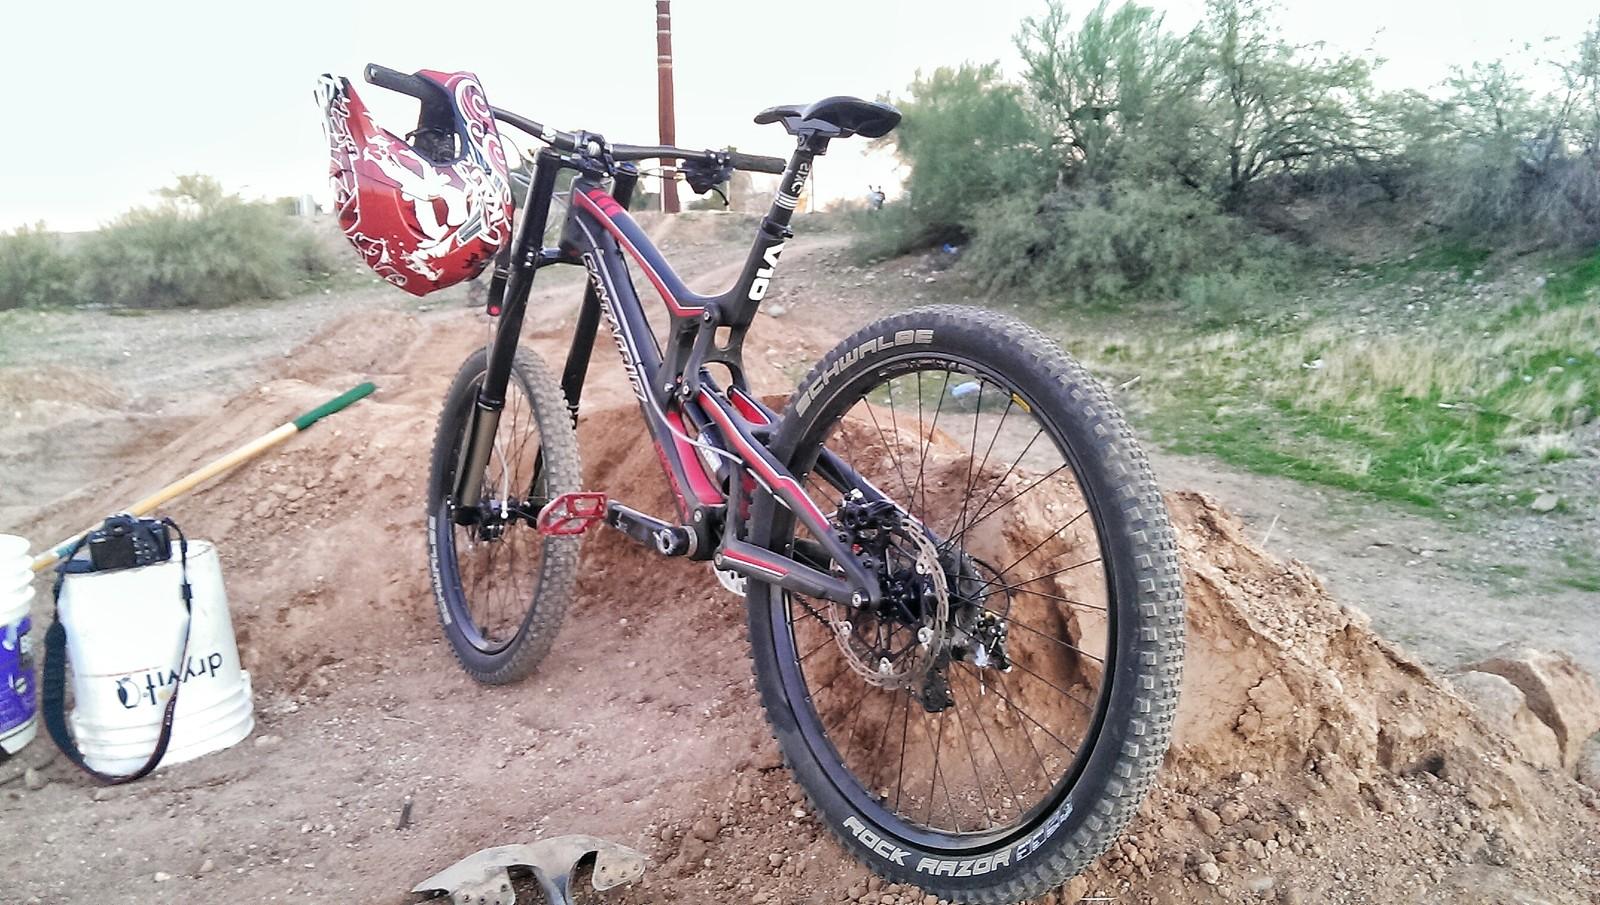 IMAG1615 1 - TWOSIXBIKES - Mountain Biking Pictures - Vital MTB